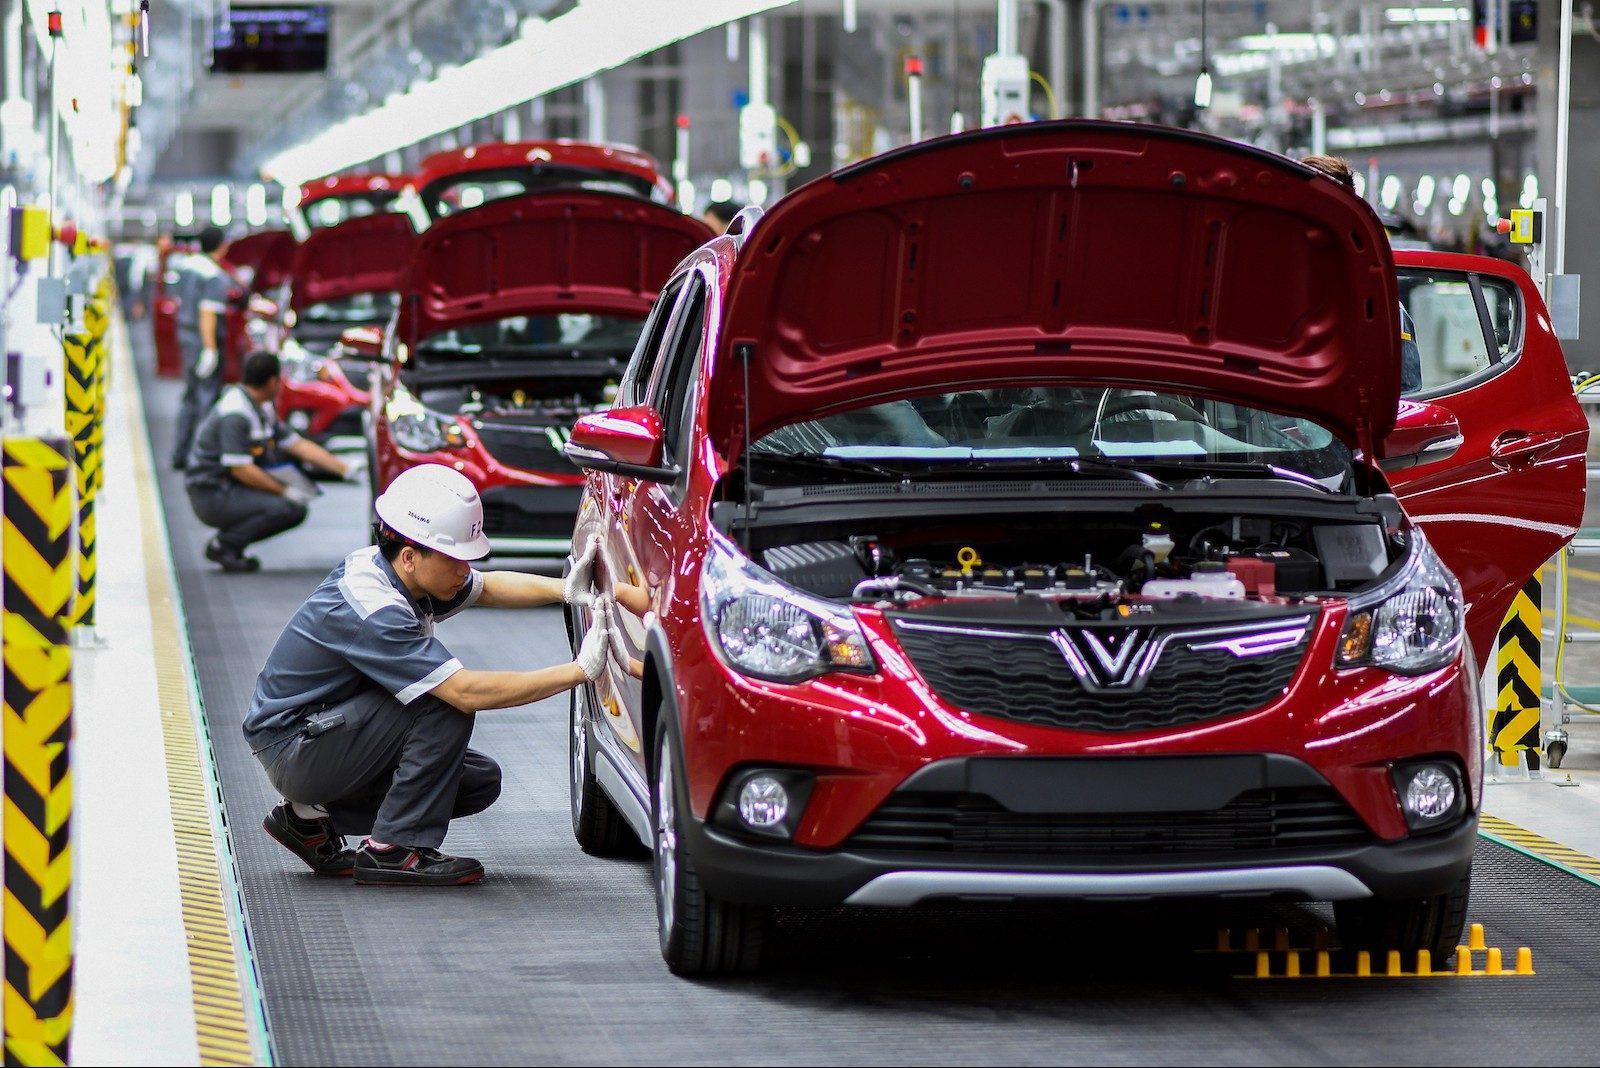 Gia hạn thời hạn nộp thuế đối với số thuế tiêu thụ đặc biệt phải nộp phát sinh của kỳ tính thuế từ tháng 3 đến tháng 10/2020 với ô tô sản xuất hoặc lắp ráp trong nước.